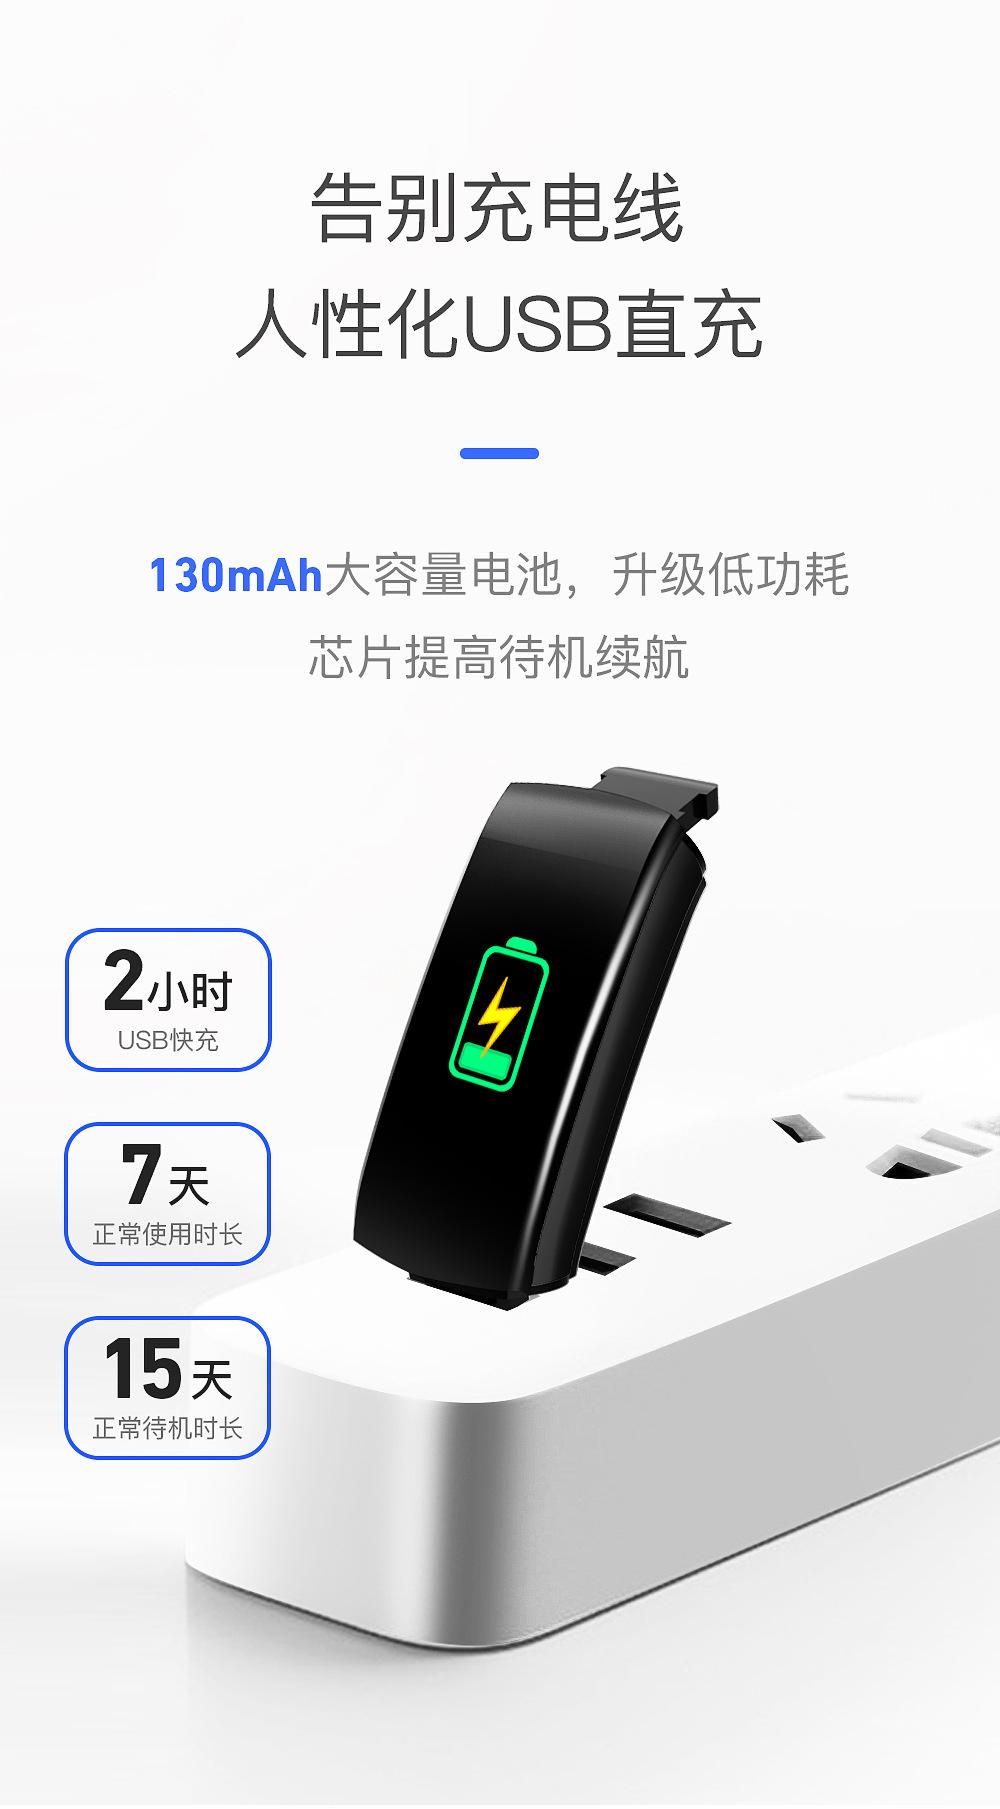 测体温智能手环多功能测温度心率血压血氧心率跑步运动计步器发热检测手表小米华为苹果通用睡眠健康防水腕表